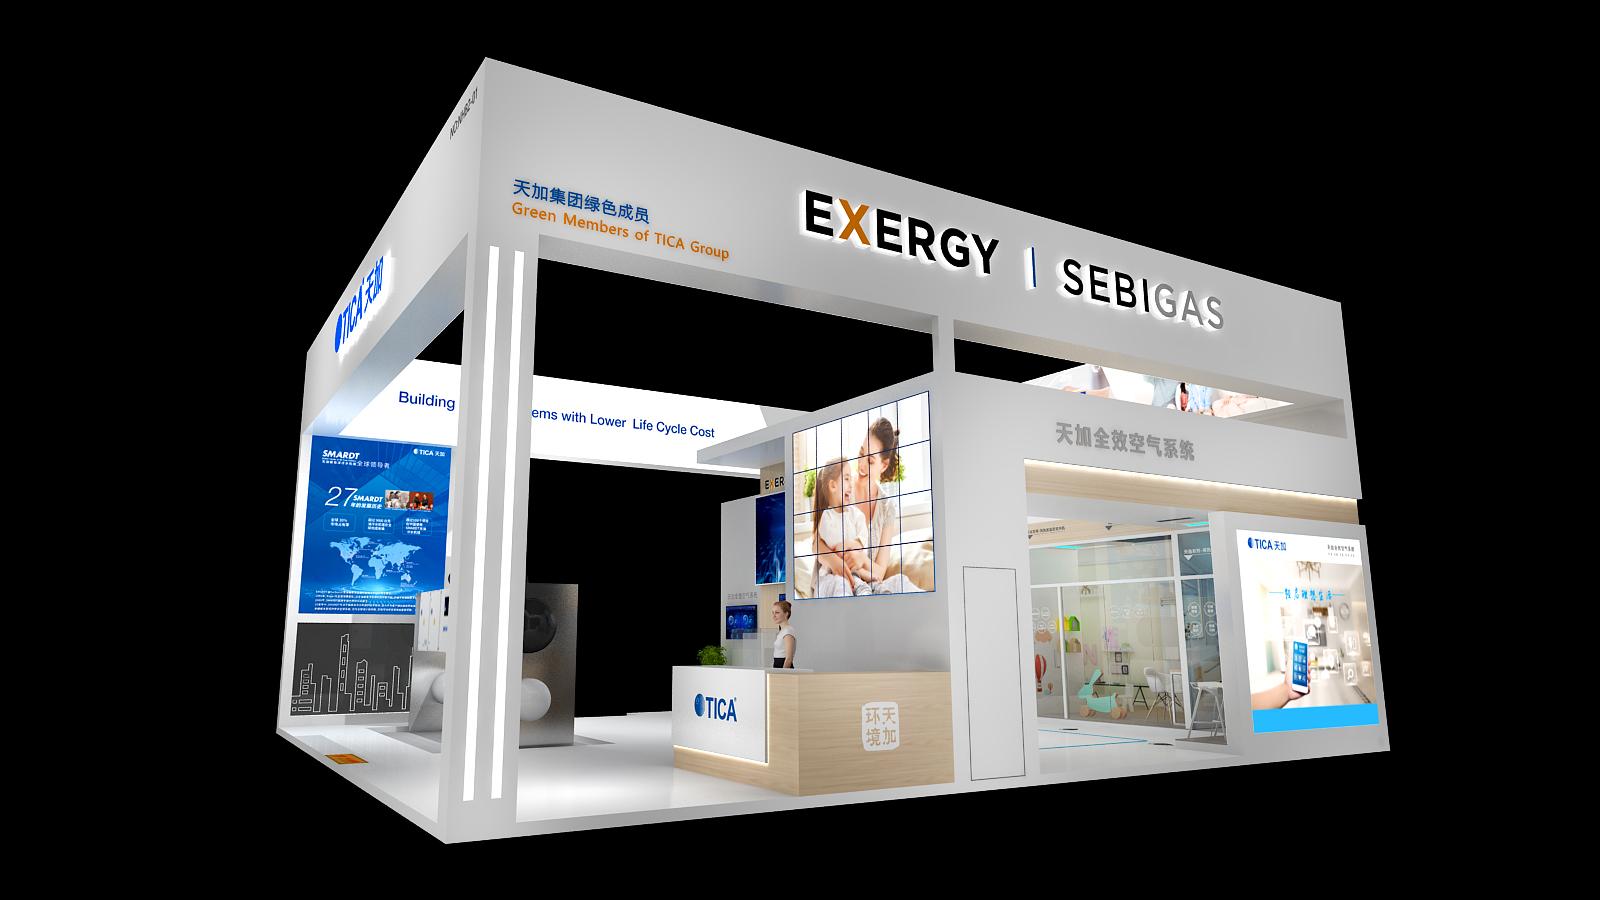 天加-2020年第三届进博会展台案例